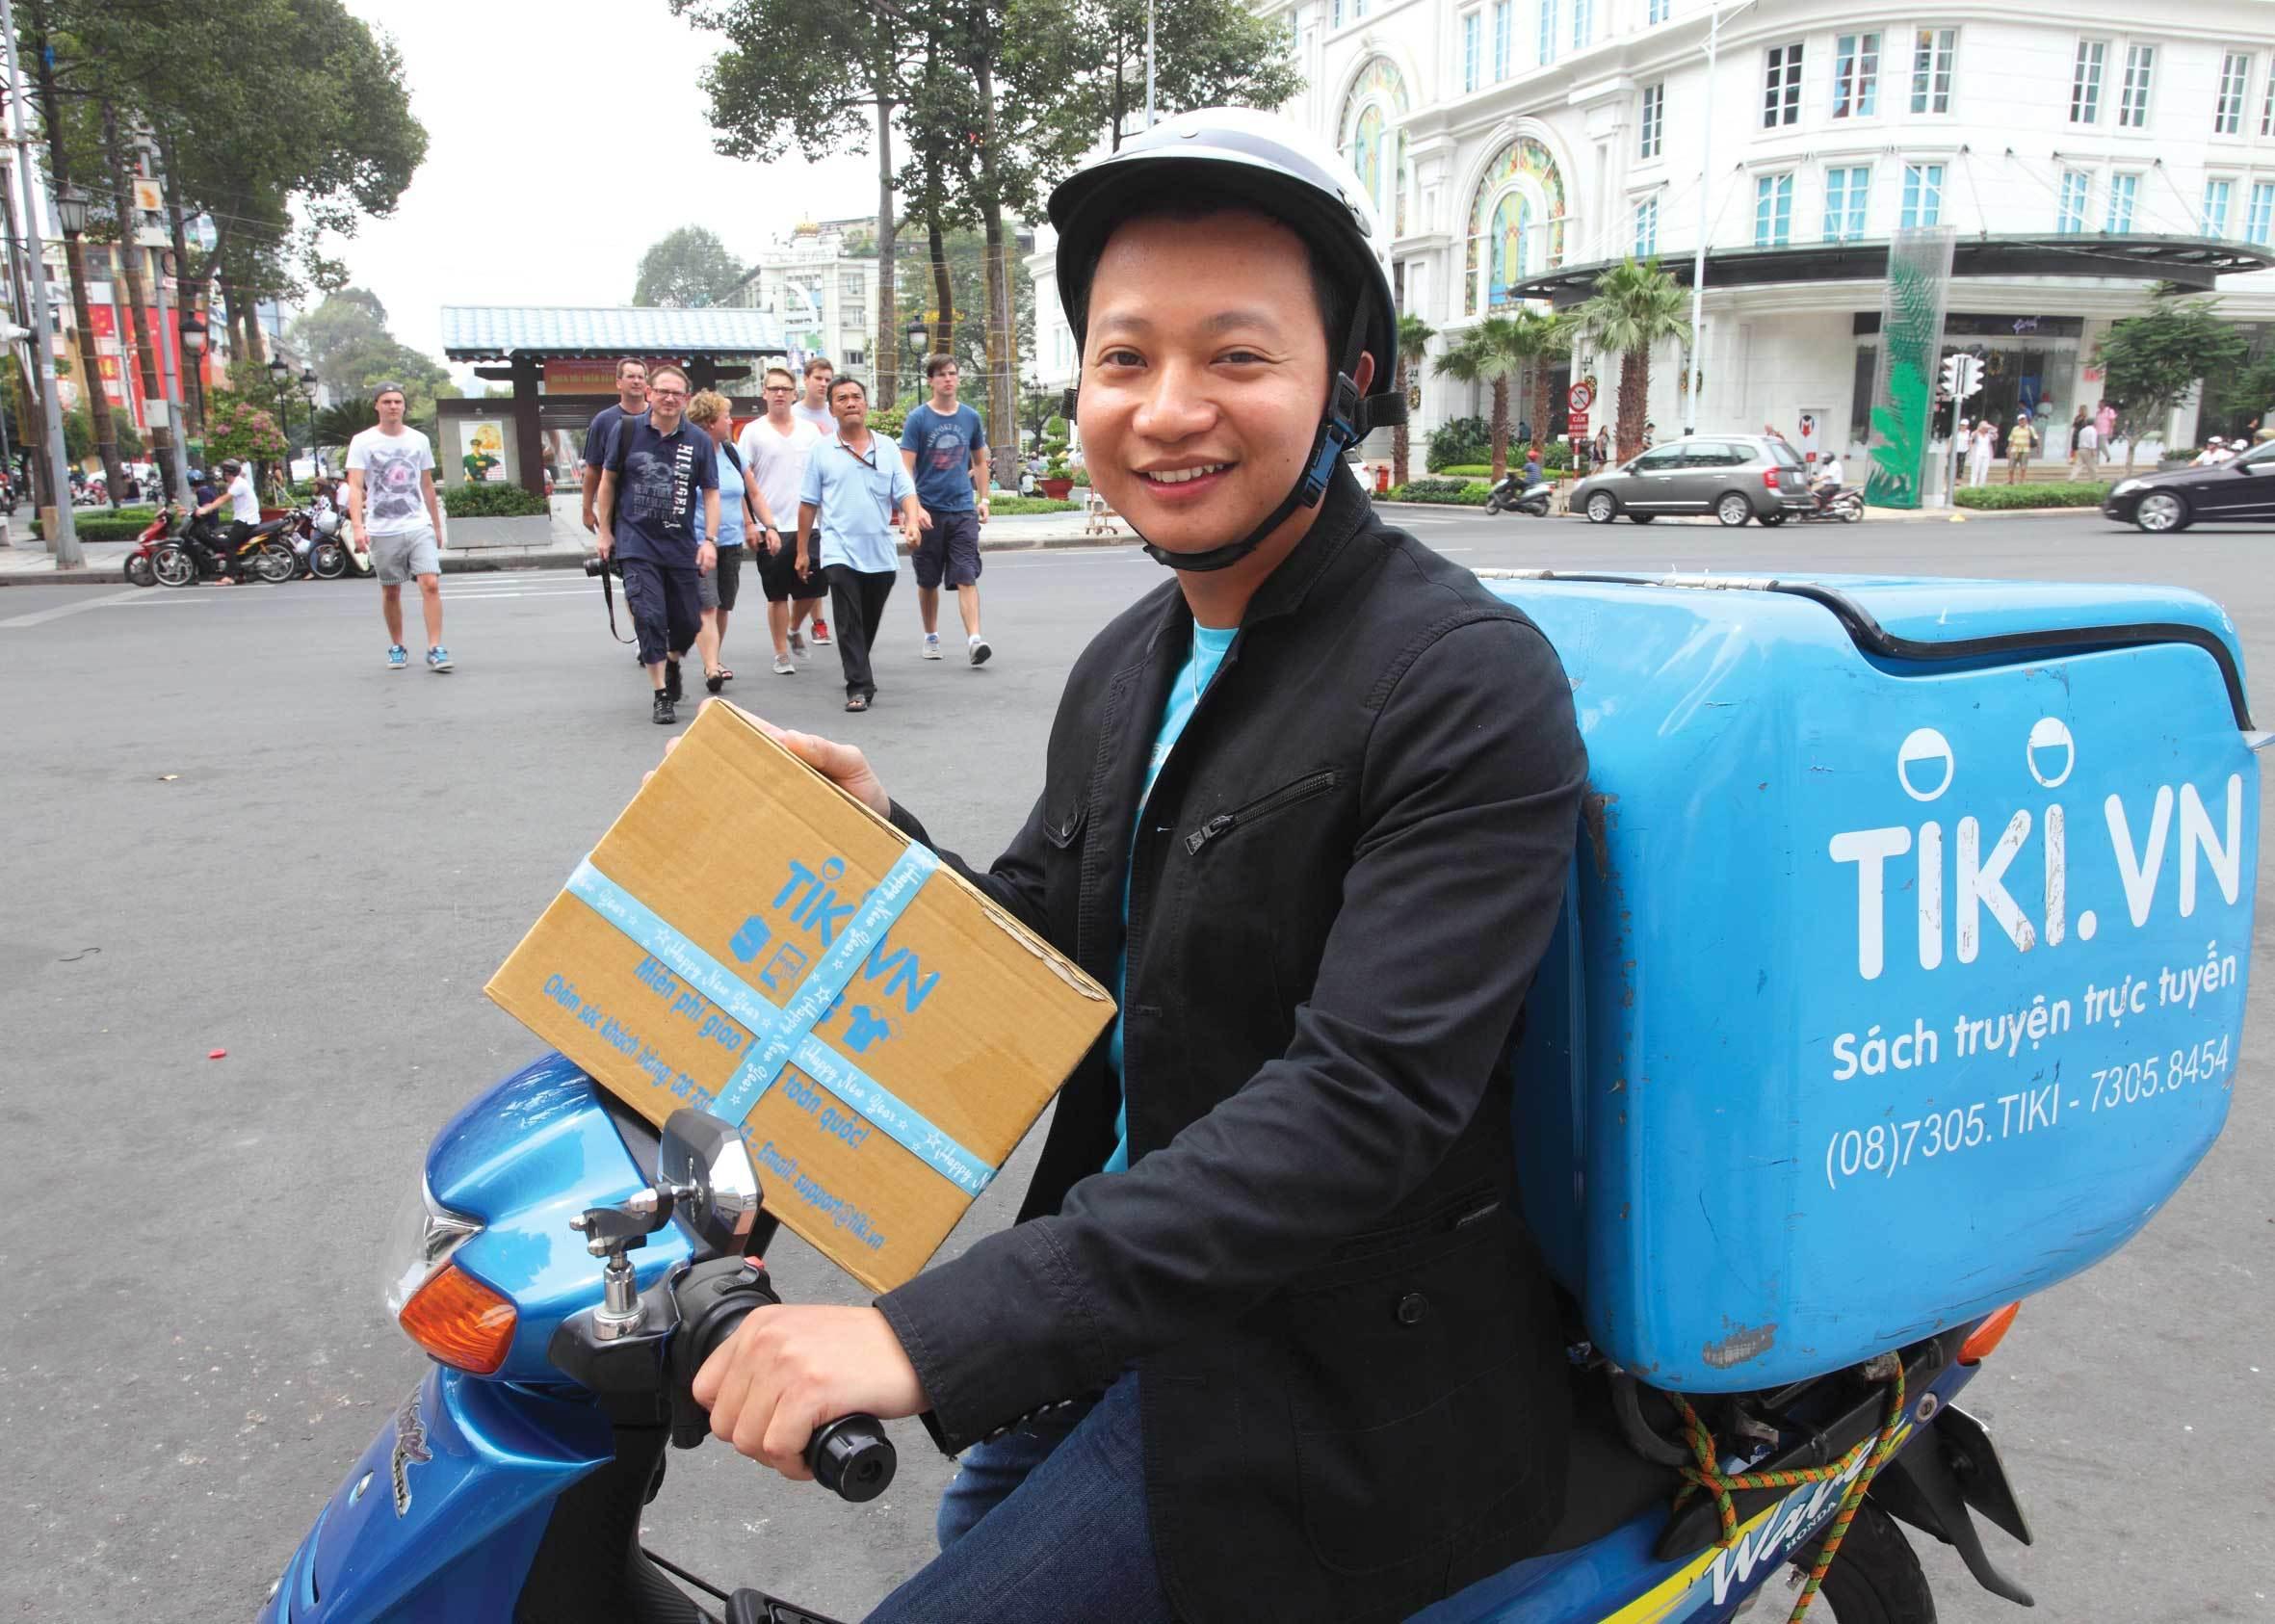 'Kỳ lân' Việt Nam xuất hiện: Tuổi rất trẻ mơ lên ngôi tỷ USD